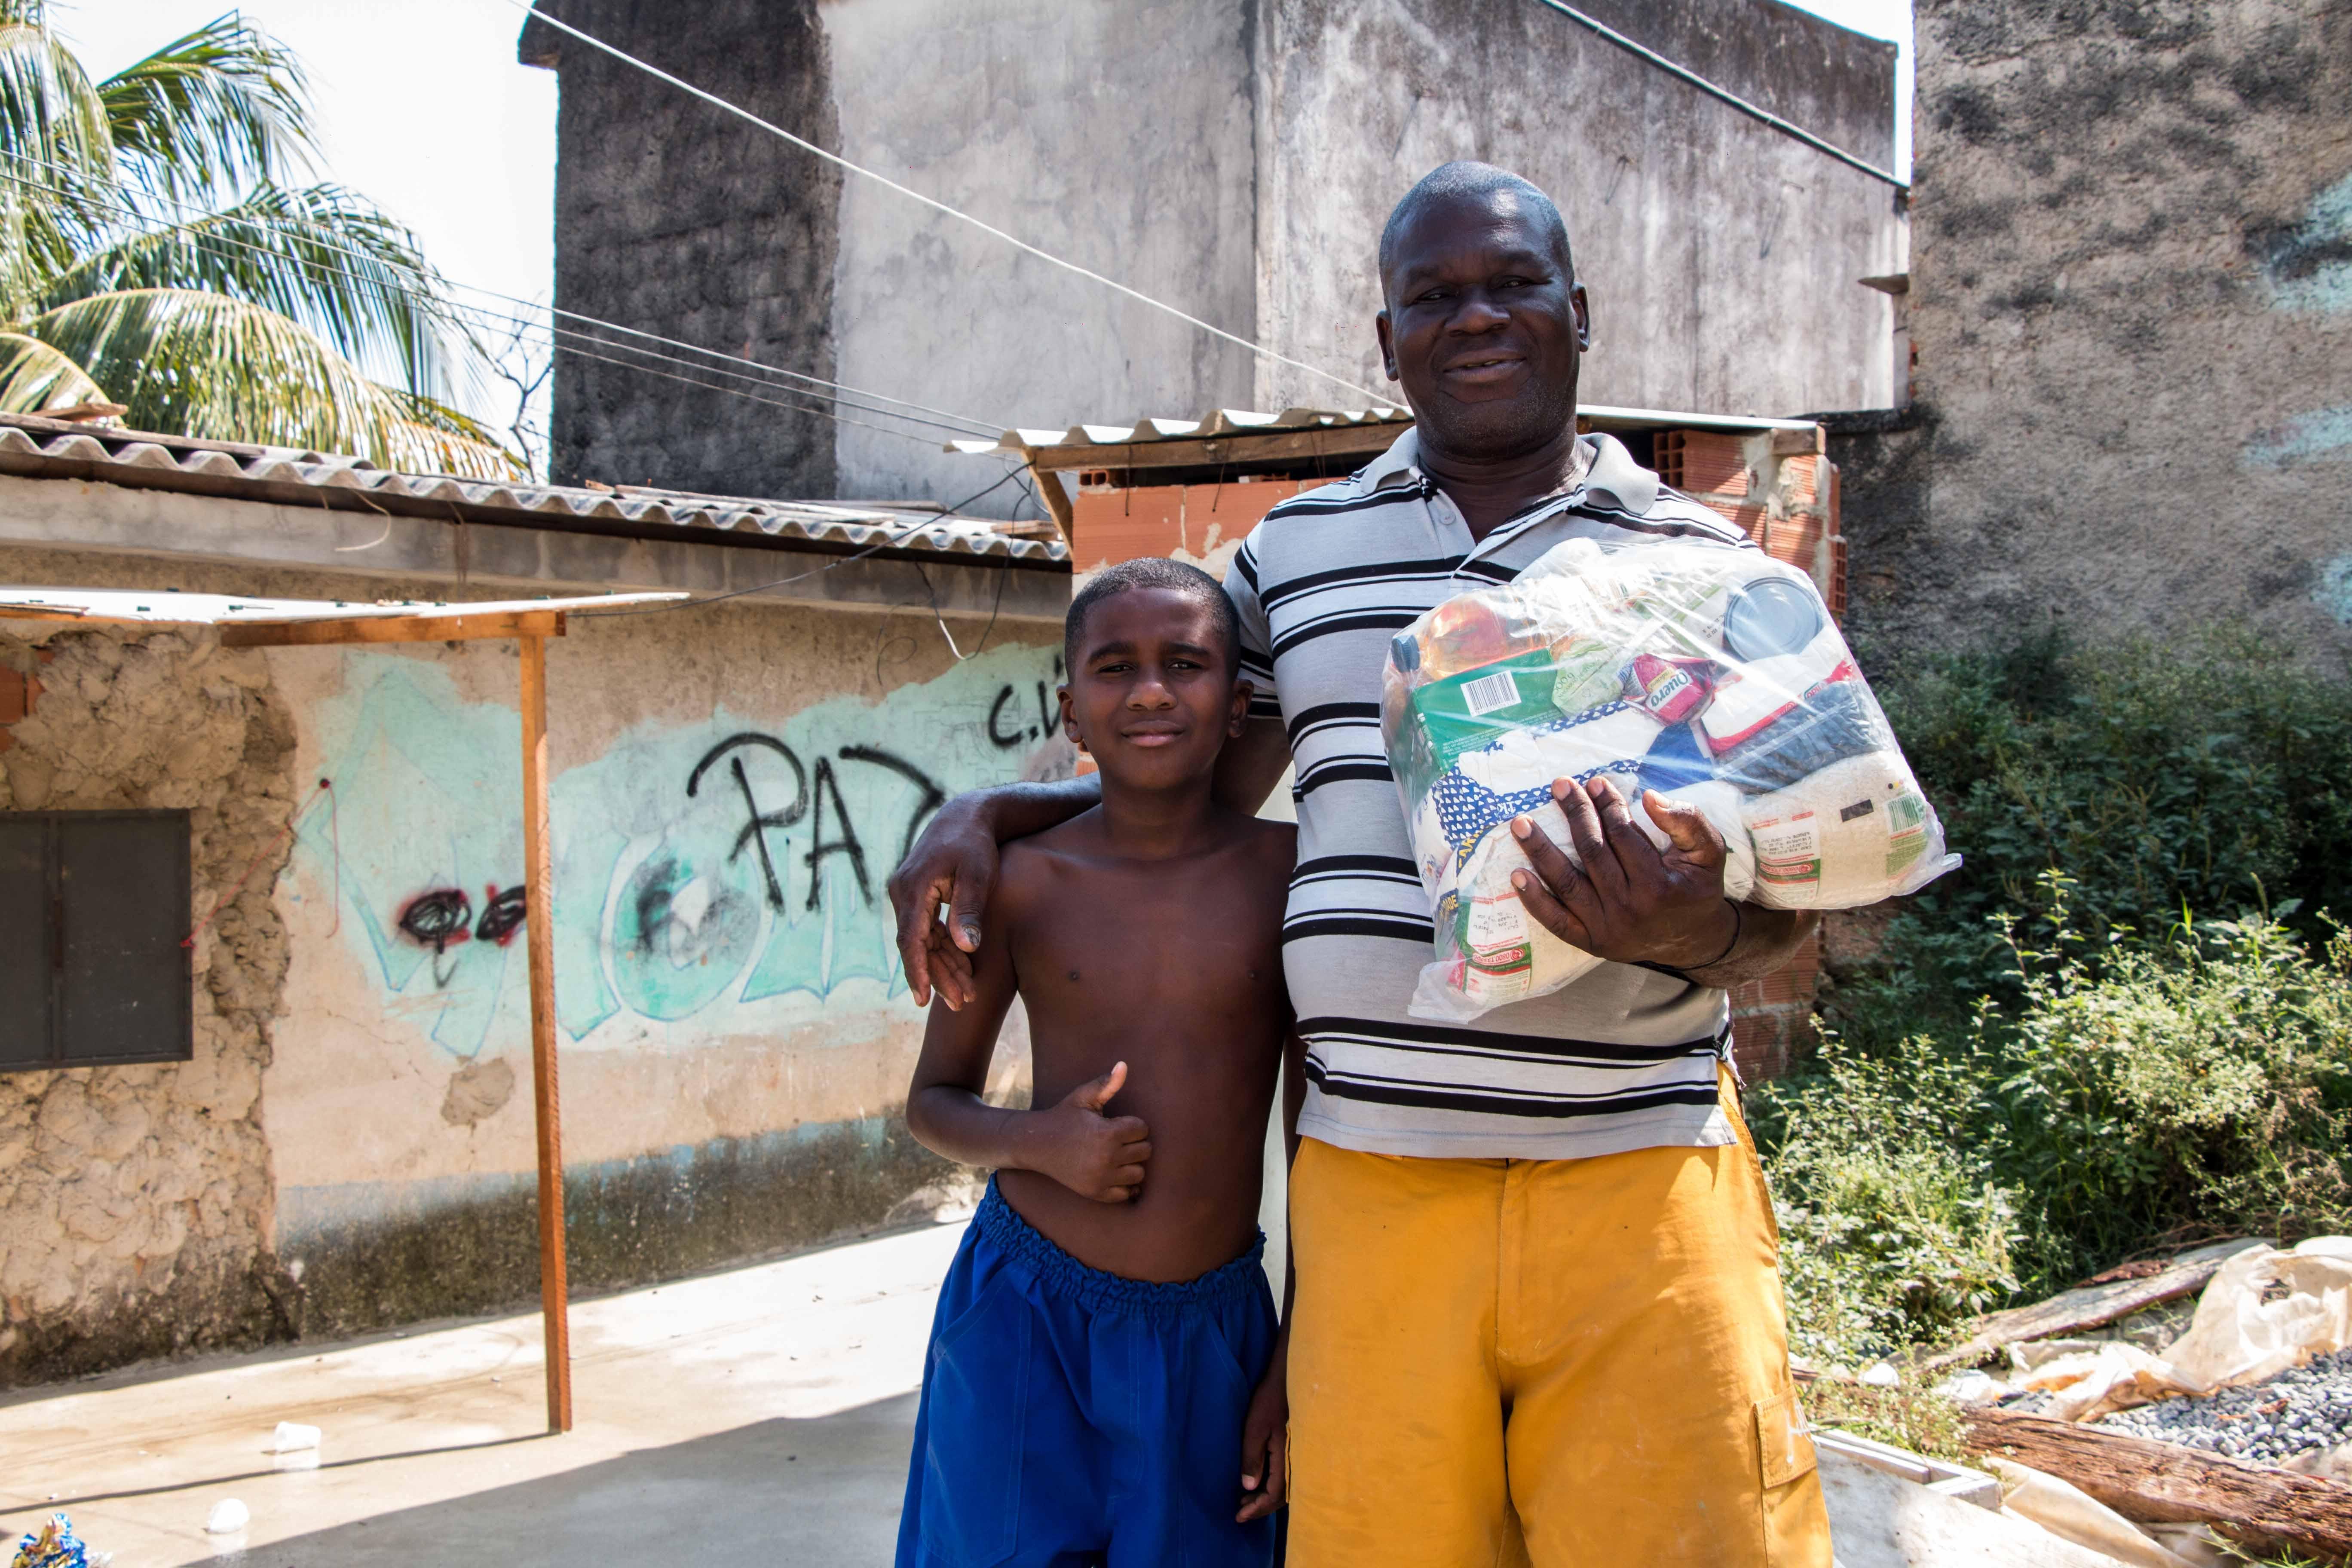 - Moro aqui há 40 anos e é a primeira vez que recebo a cesta, veio em ótima hora. - Contou o idoso. Foto: Renato Moura/Voz Das Comunidades